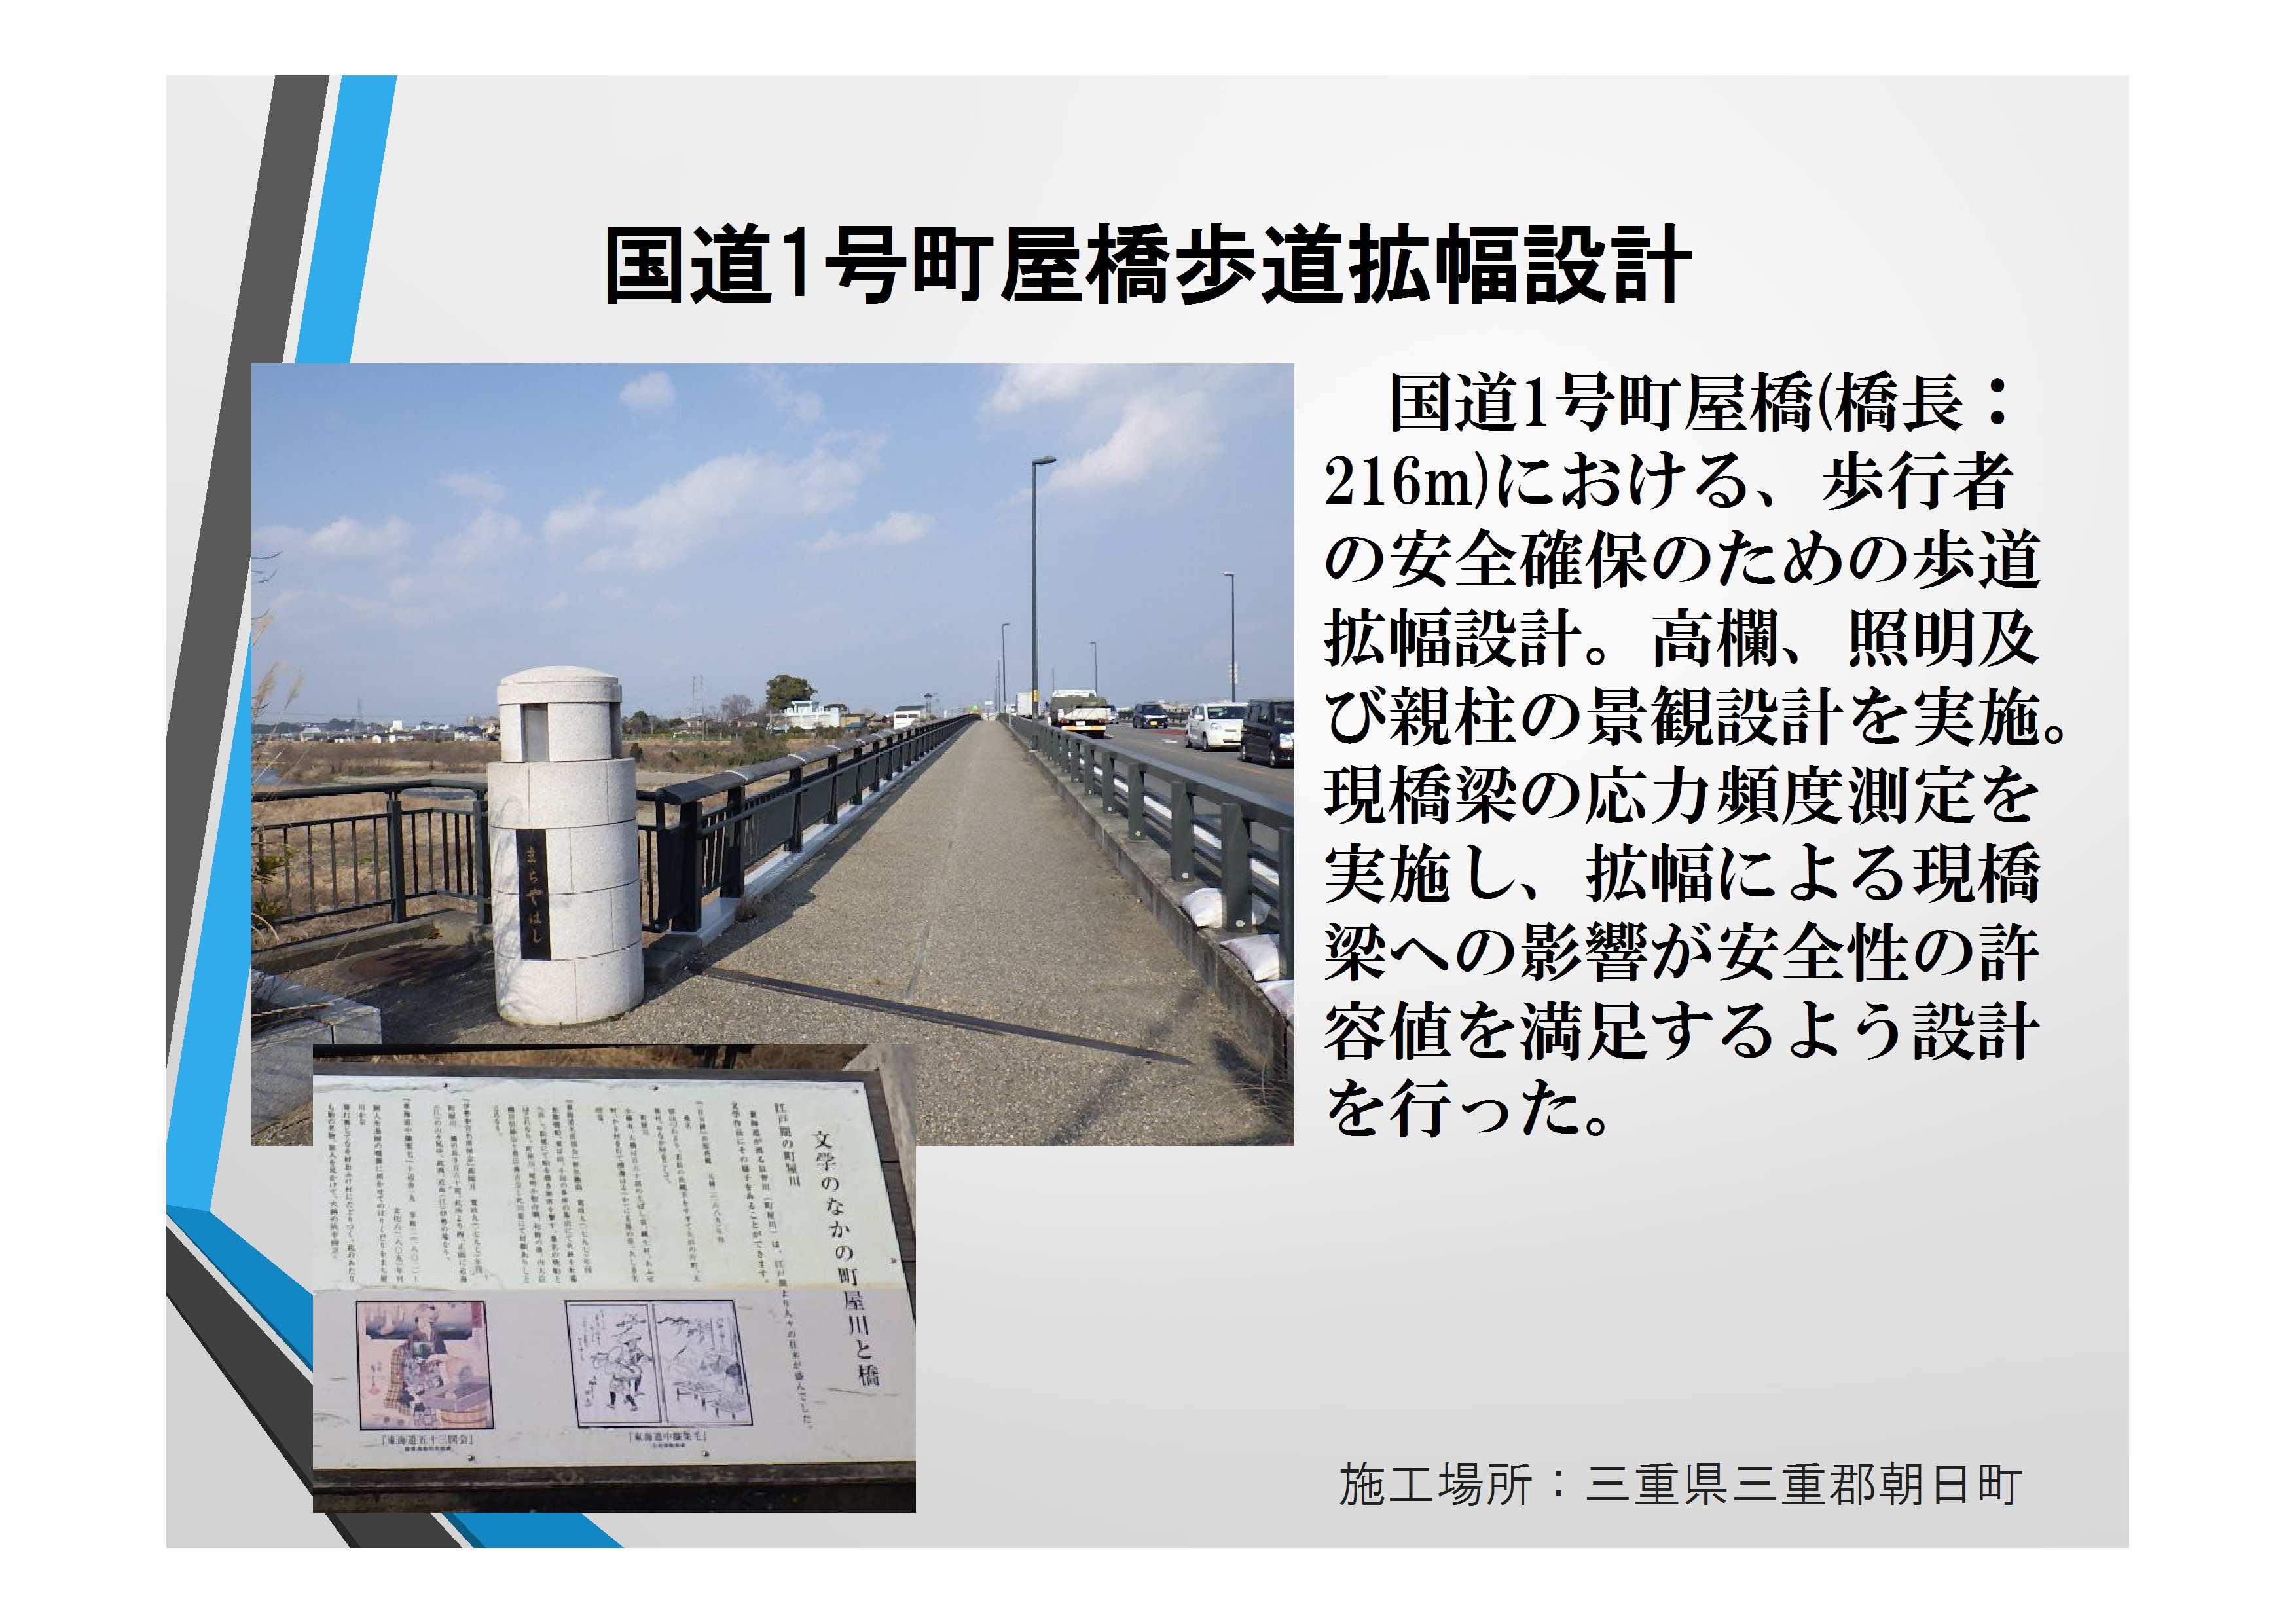 14-107 1号町屋橋拡幅設計